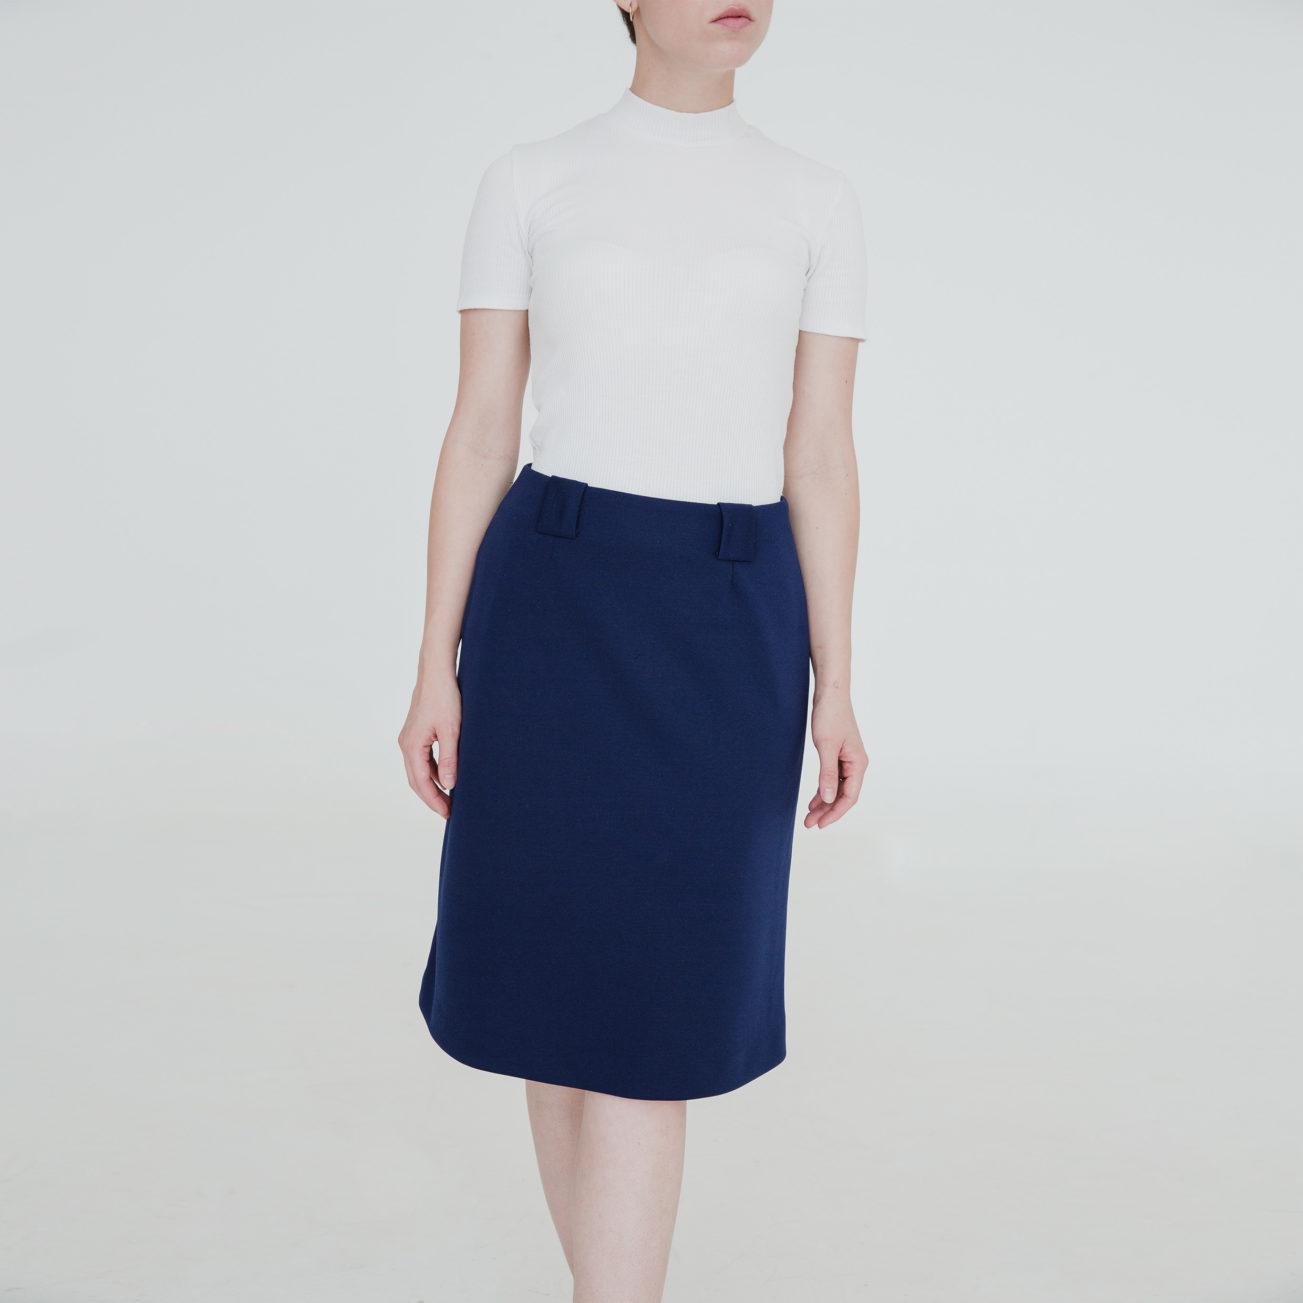 Mod Moddet 60s skirt